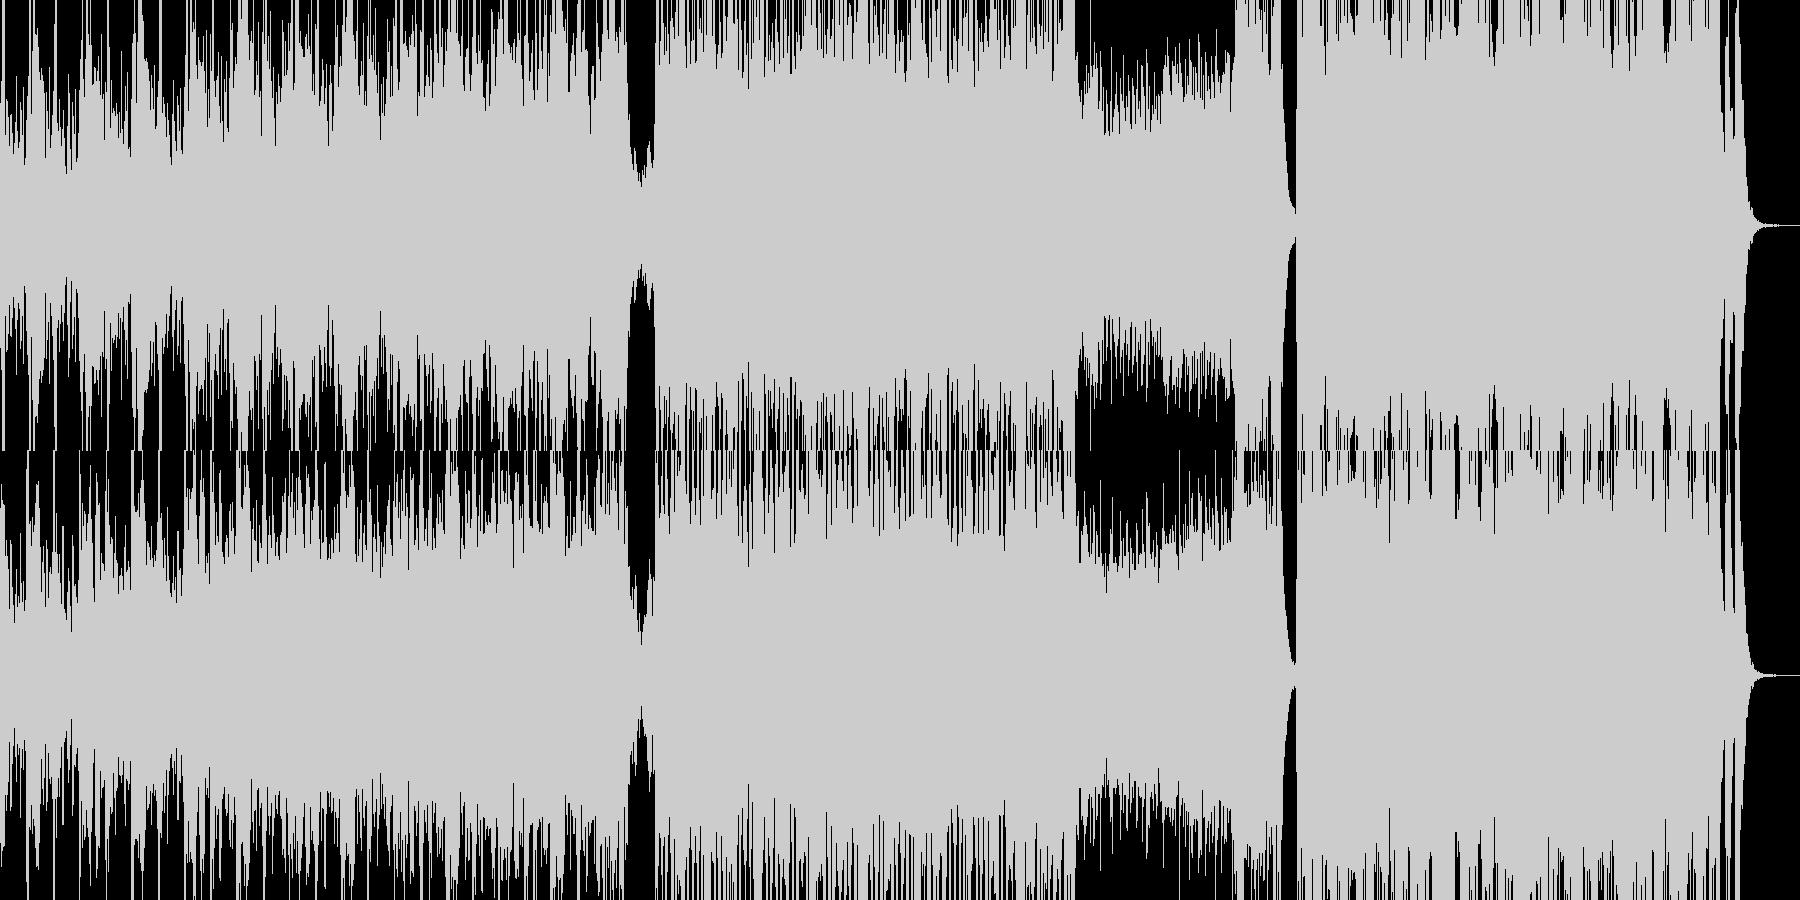 戦闘オーケストラの未再生の波形